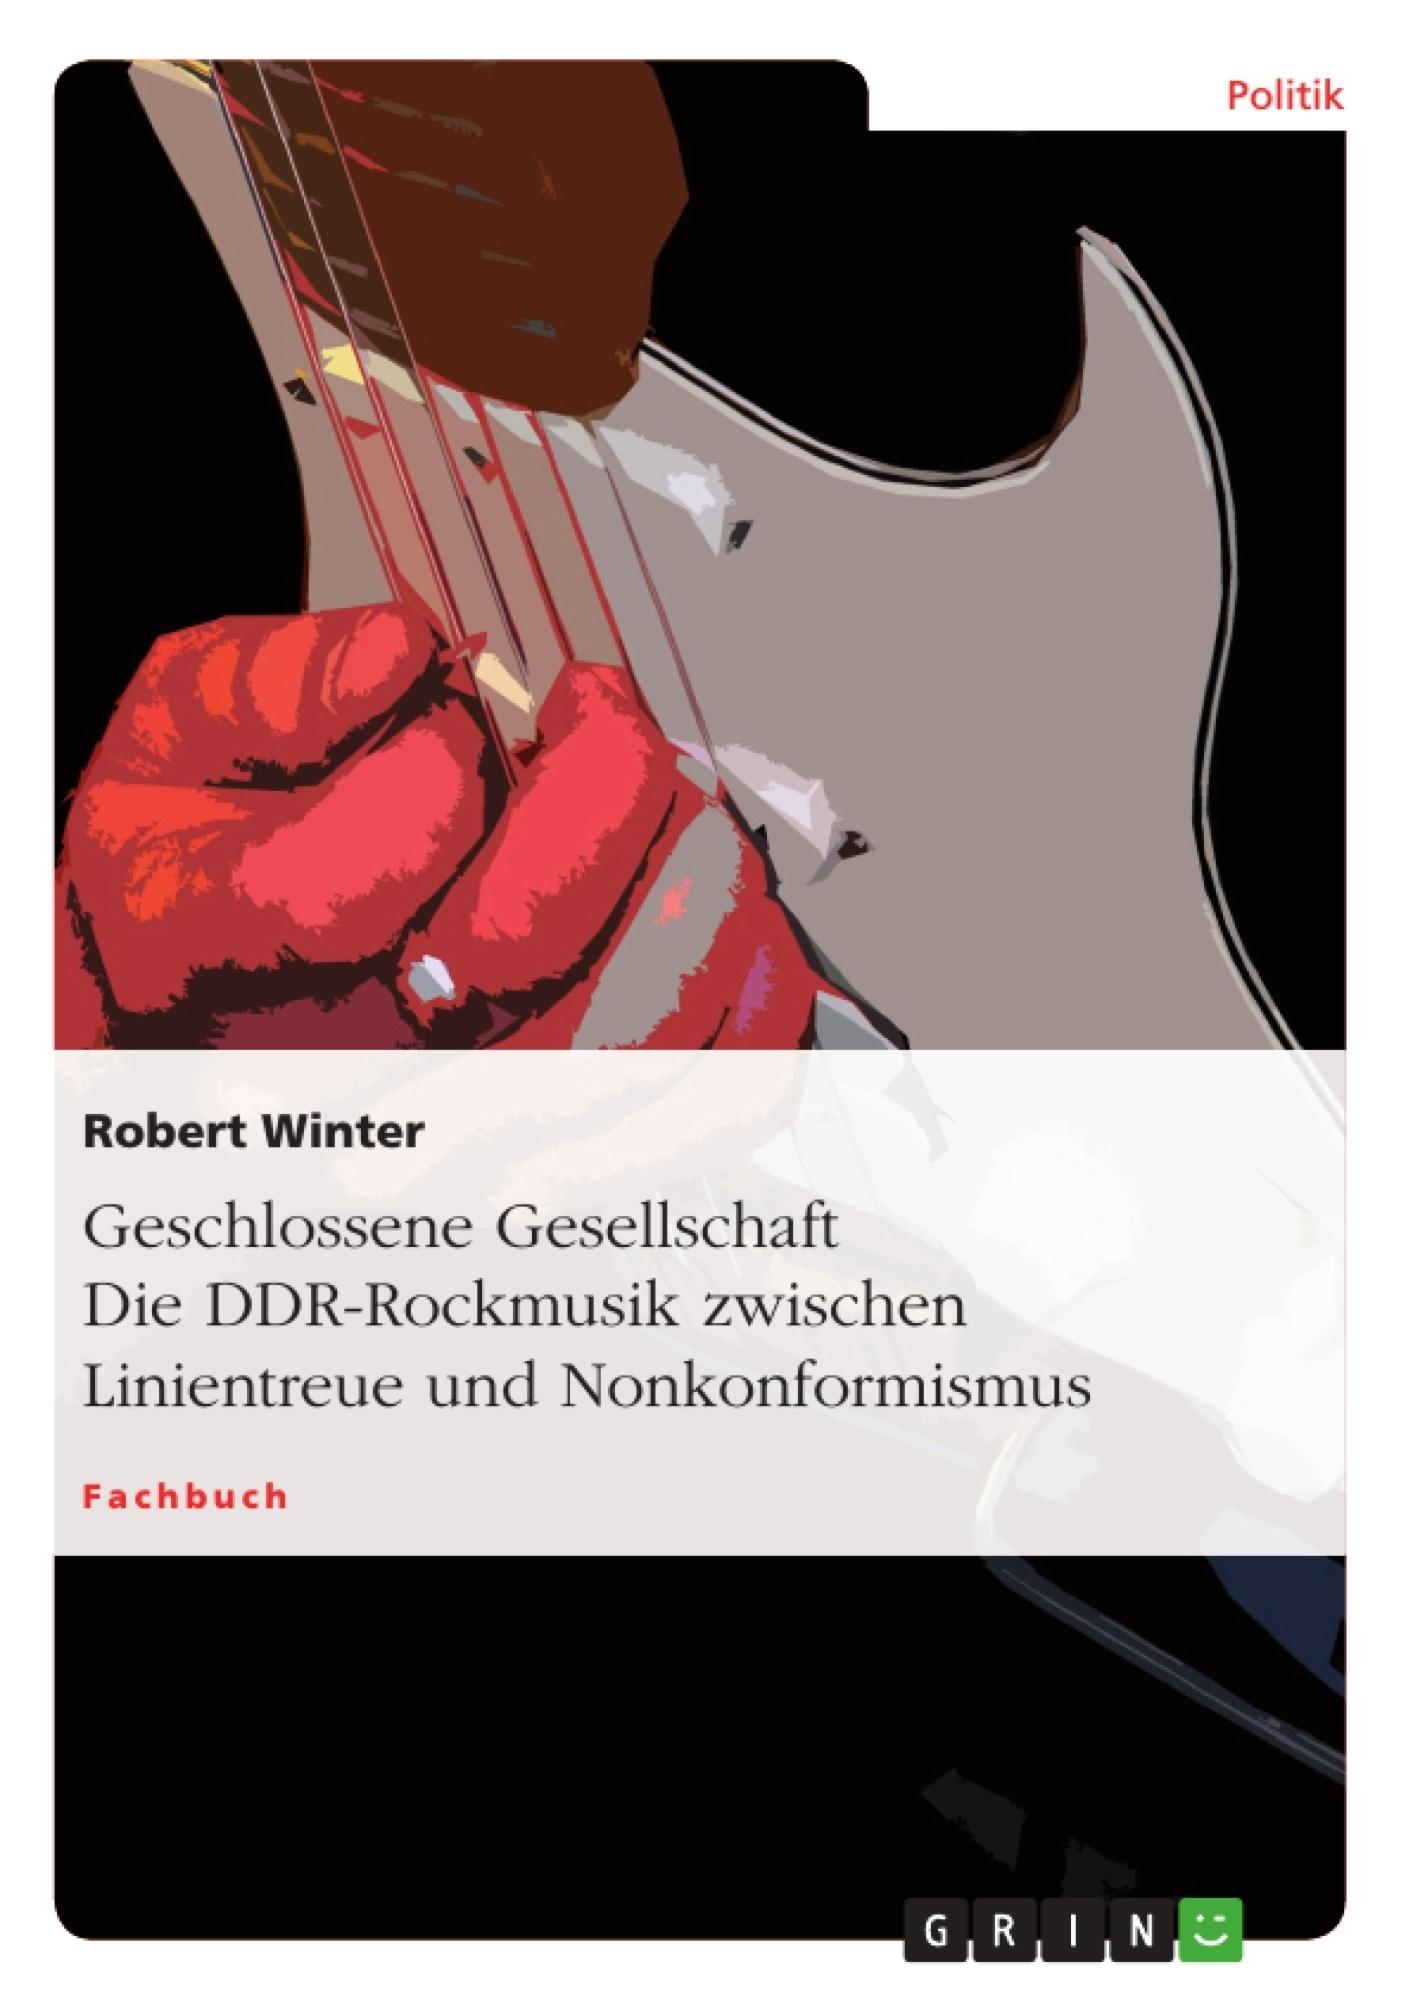 Titel: Geschlossene Gesellschaft. Die DDR-Rockmusik zwischen Linientreue und Nonkonformismus